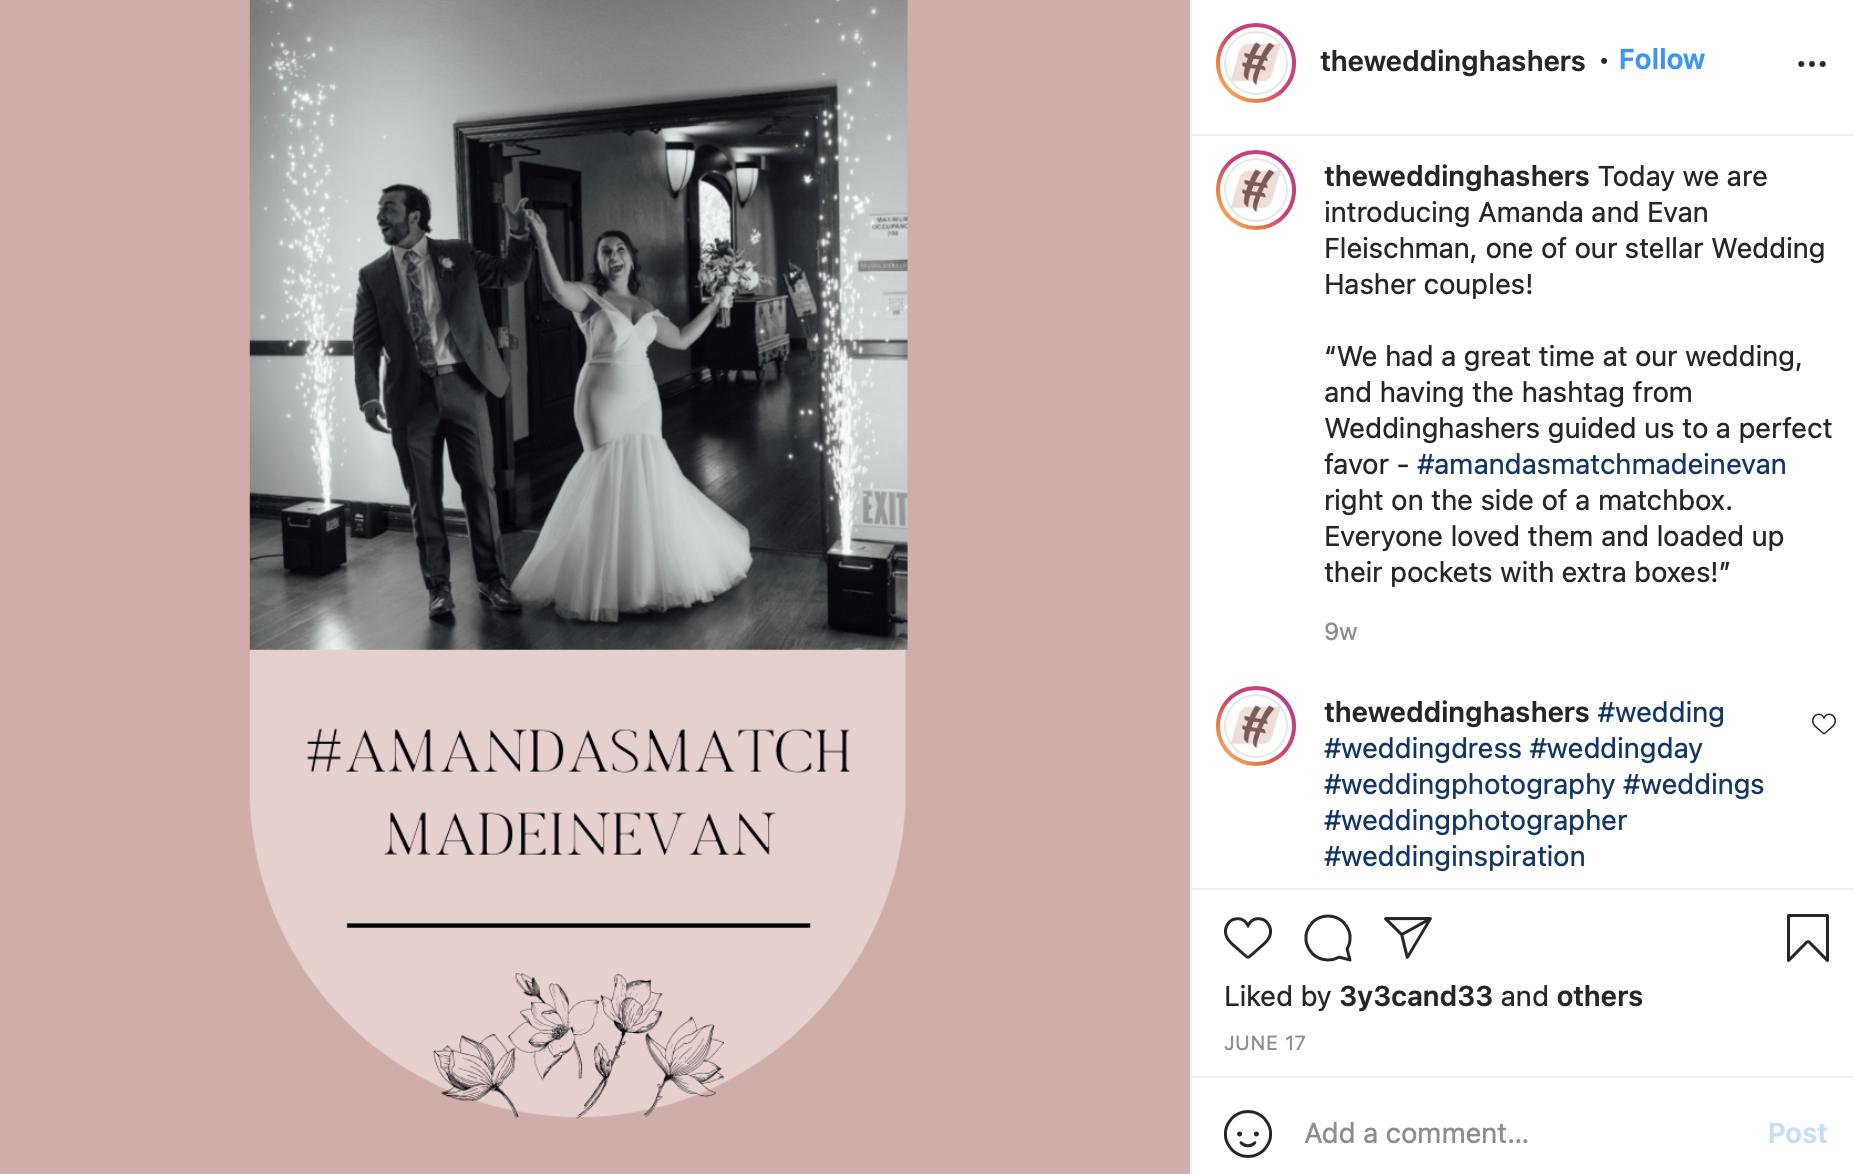 wedding hashtag on matchbox